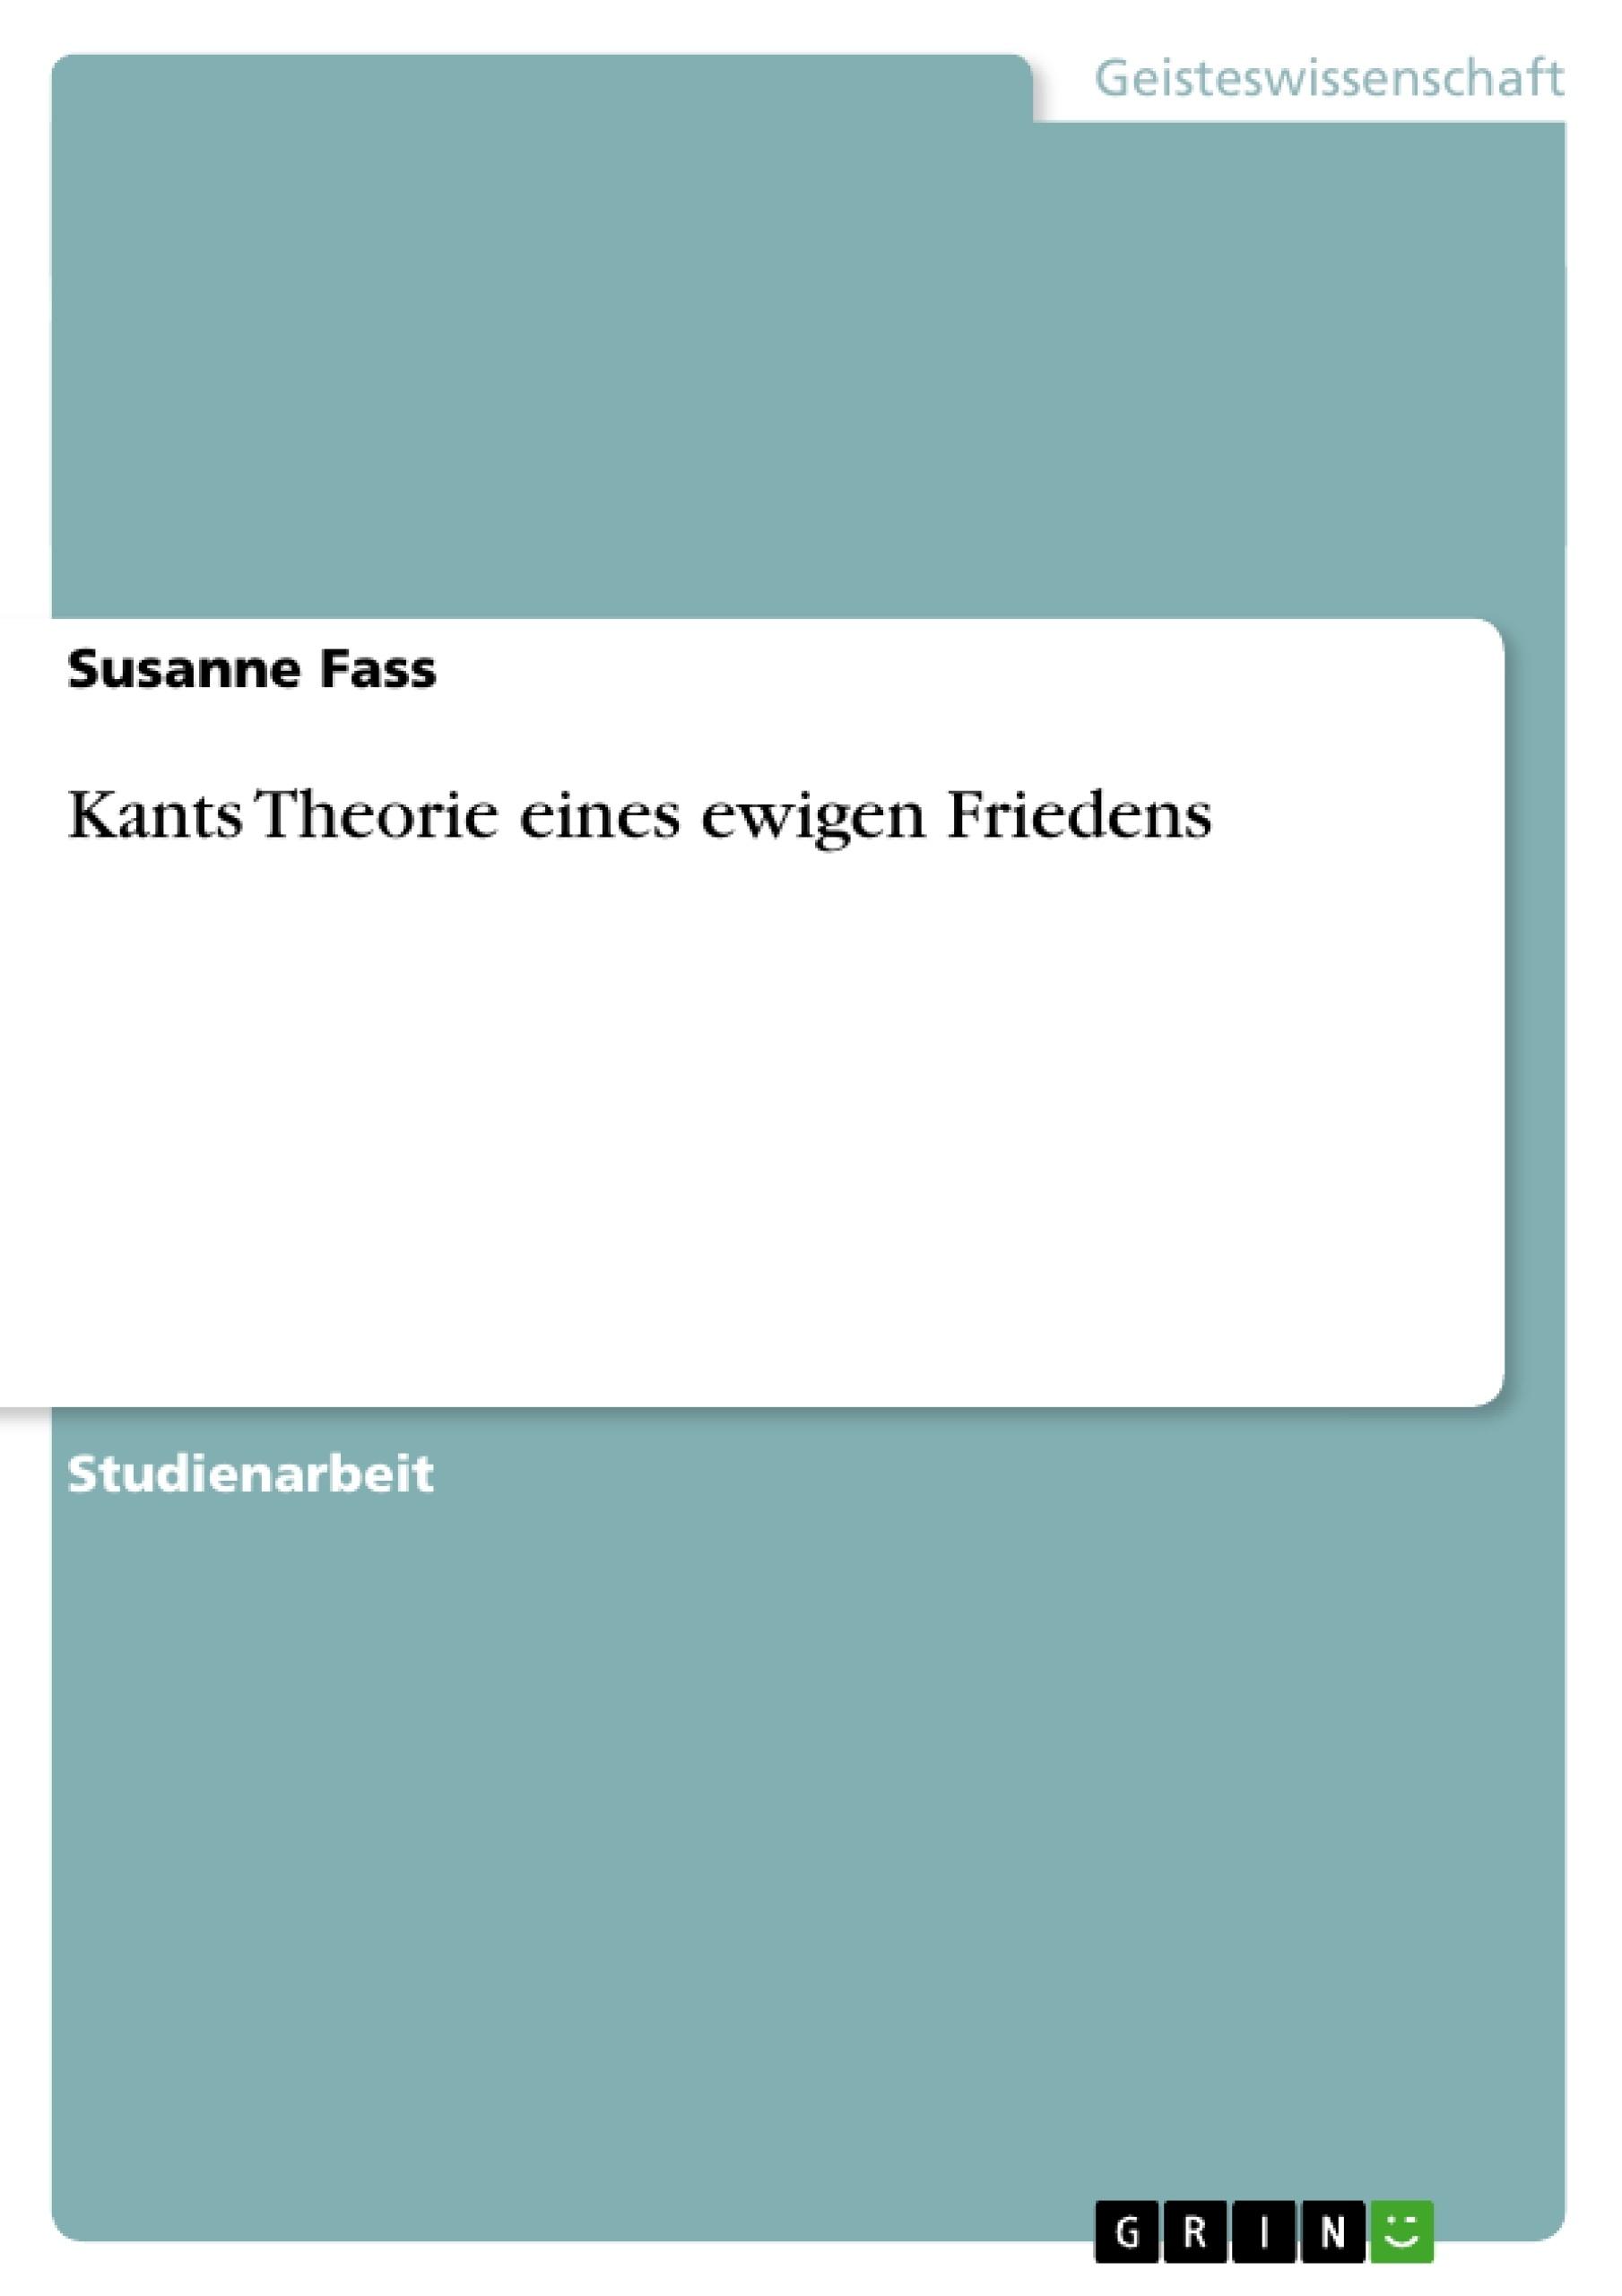 Titel: Kants Theorie eines ewigen Friedens